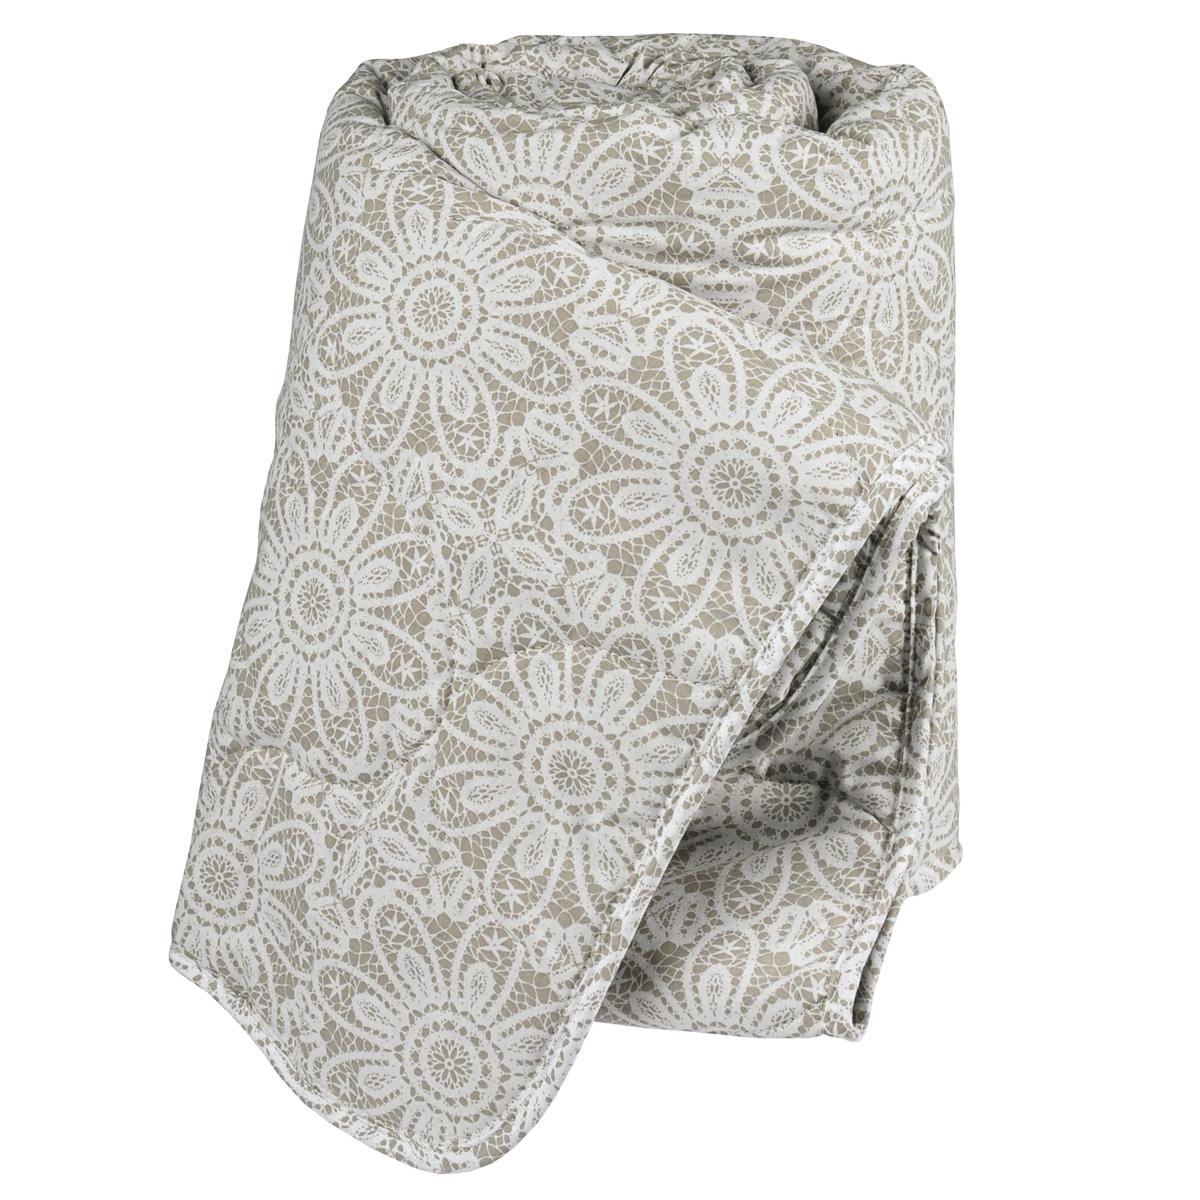 Одеяло Green Line Лен, наполнитель: льняное волокно, 140 см х 205 см183680Мягкое и комфортное одеяло Green Line Лен подарит вам незабываемое чувство уюта и умиротворения. Чехол выполнен из чистого хлопка. Одеяло поможет создать максимально удобные и благоприятные условия для сладкого сна.Преимущества льняного наполнителя: - имеет эффект активного дыхания, - природный антисептик, - холодит в жару и согревает в холод. Лен полезен для здоровья, обладает положительной энергетикой.Не стирать, не гладить. Материал верха: 100% хлопок. Наполнитель: 90% льняное волокно, 10% полиэстер.Масса наполнителя: 300 г/м2.